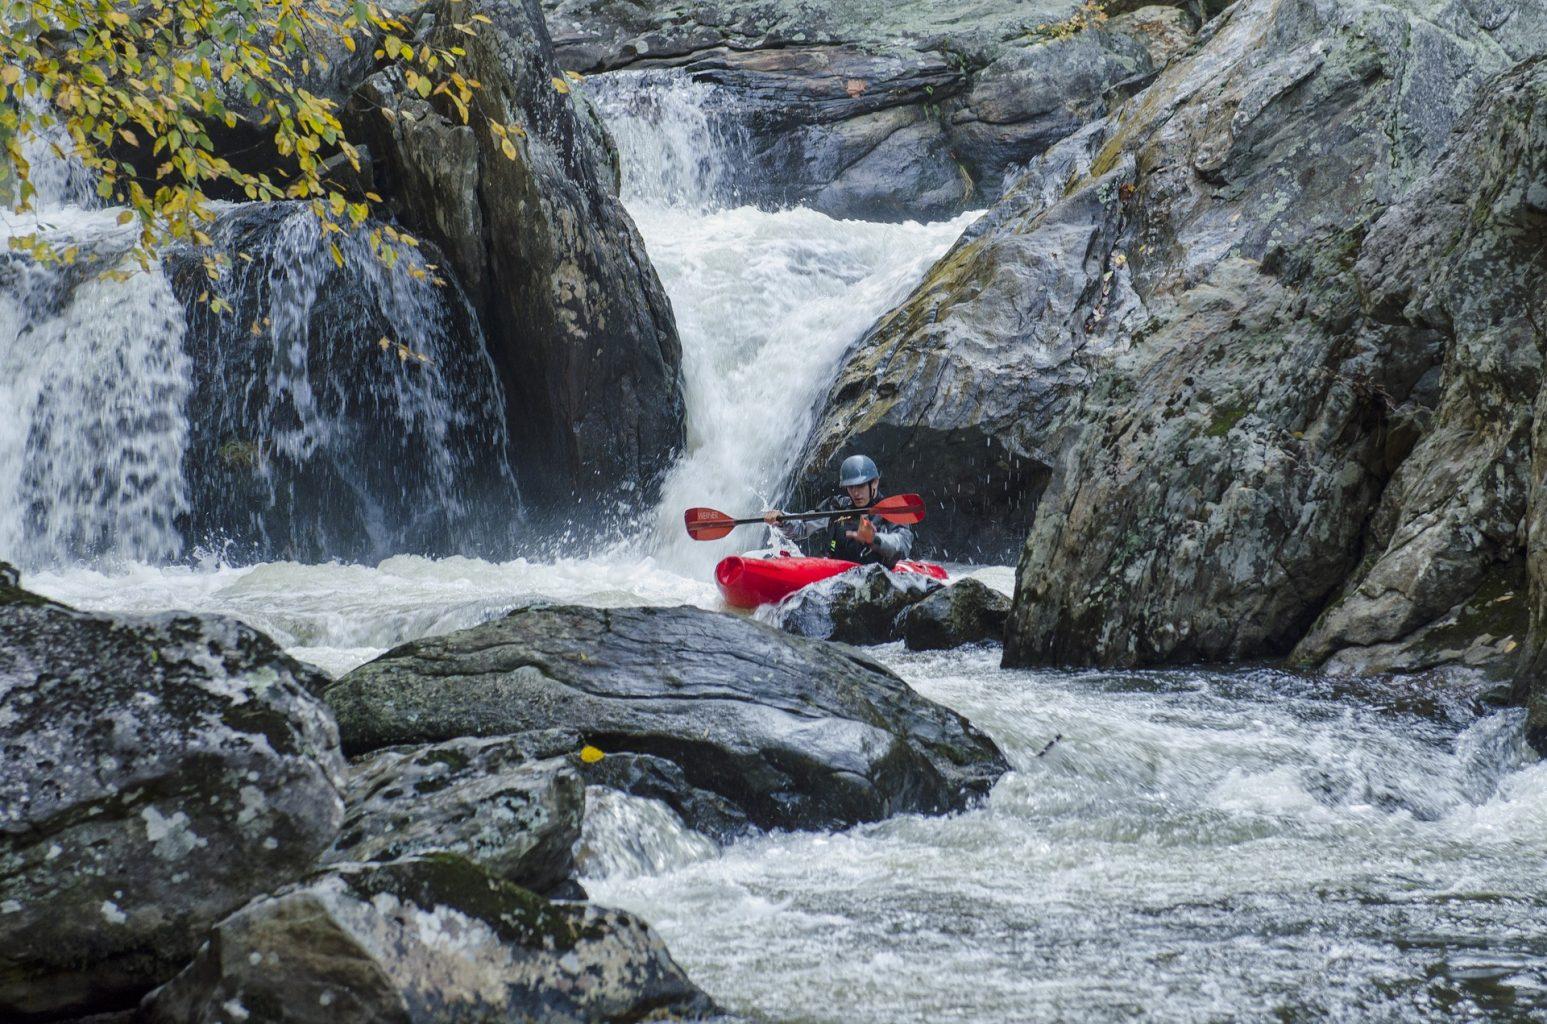 Image: Person kayaking through some rocks